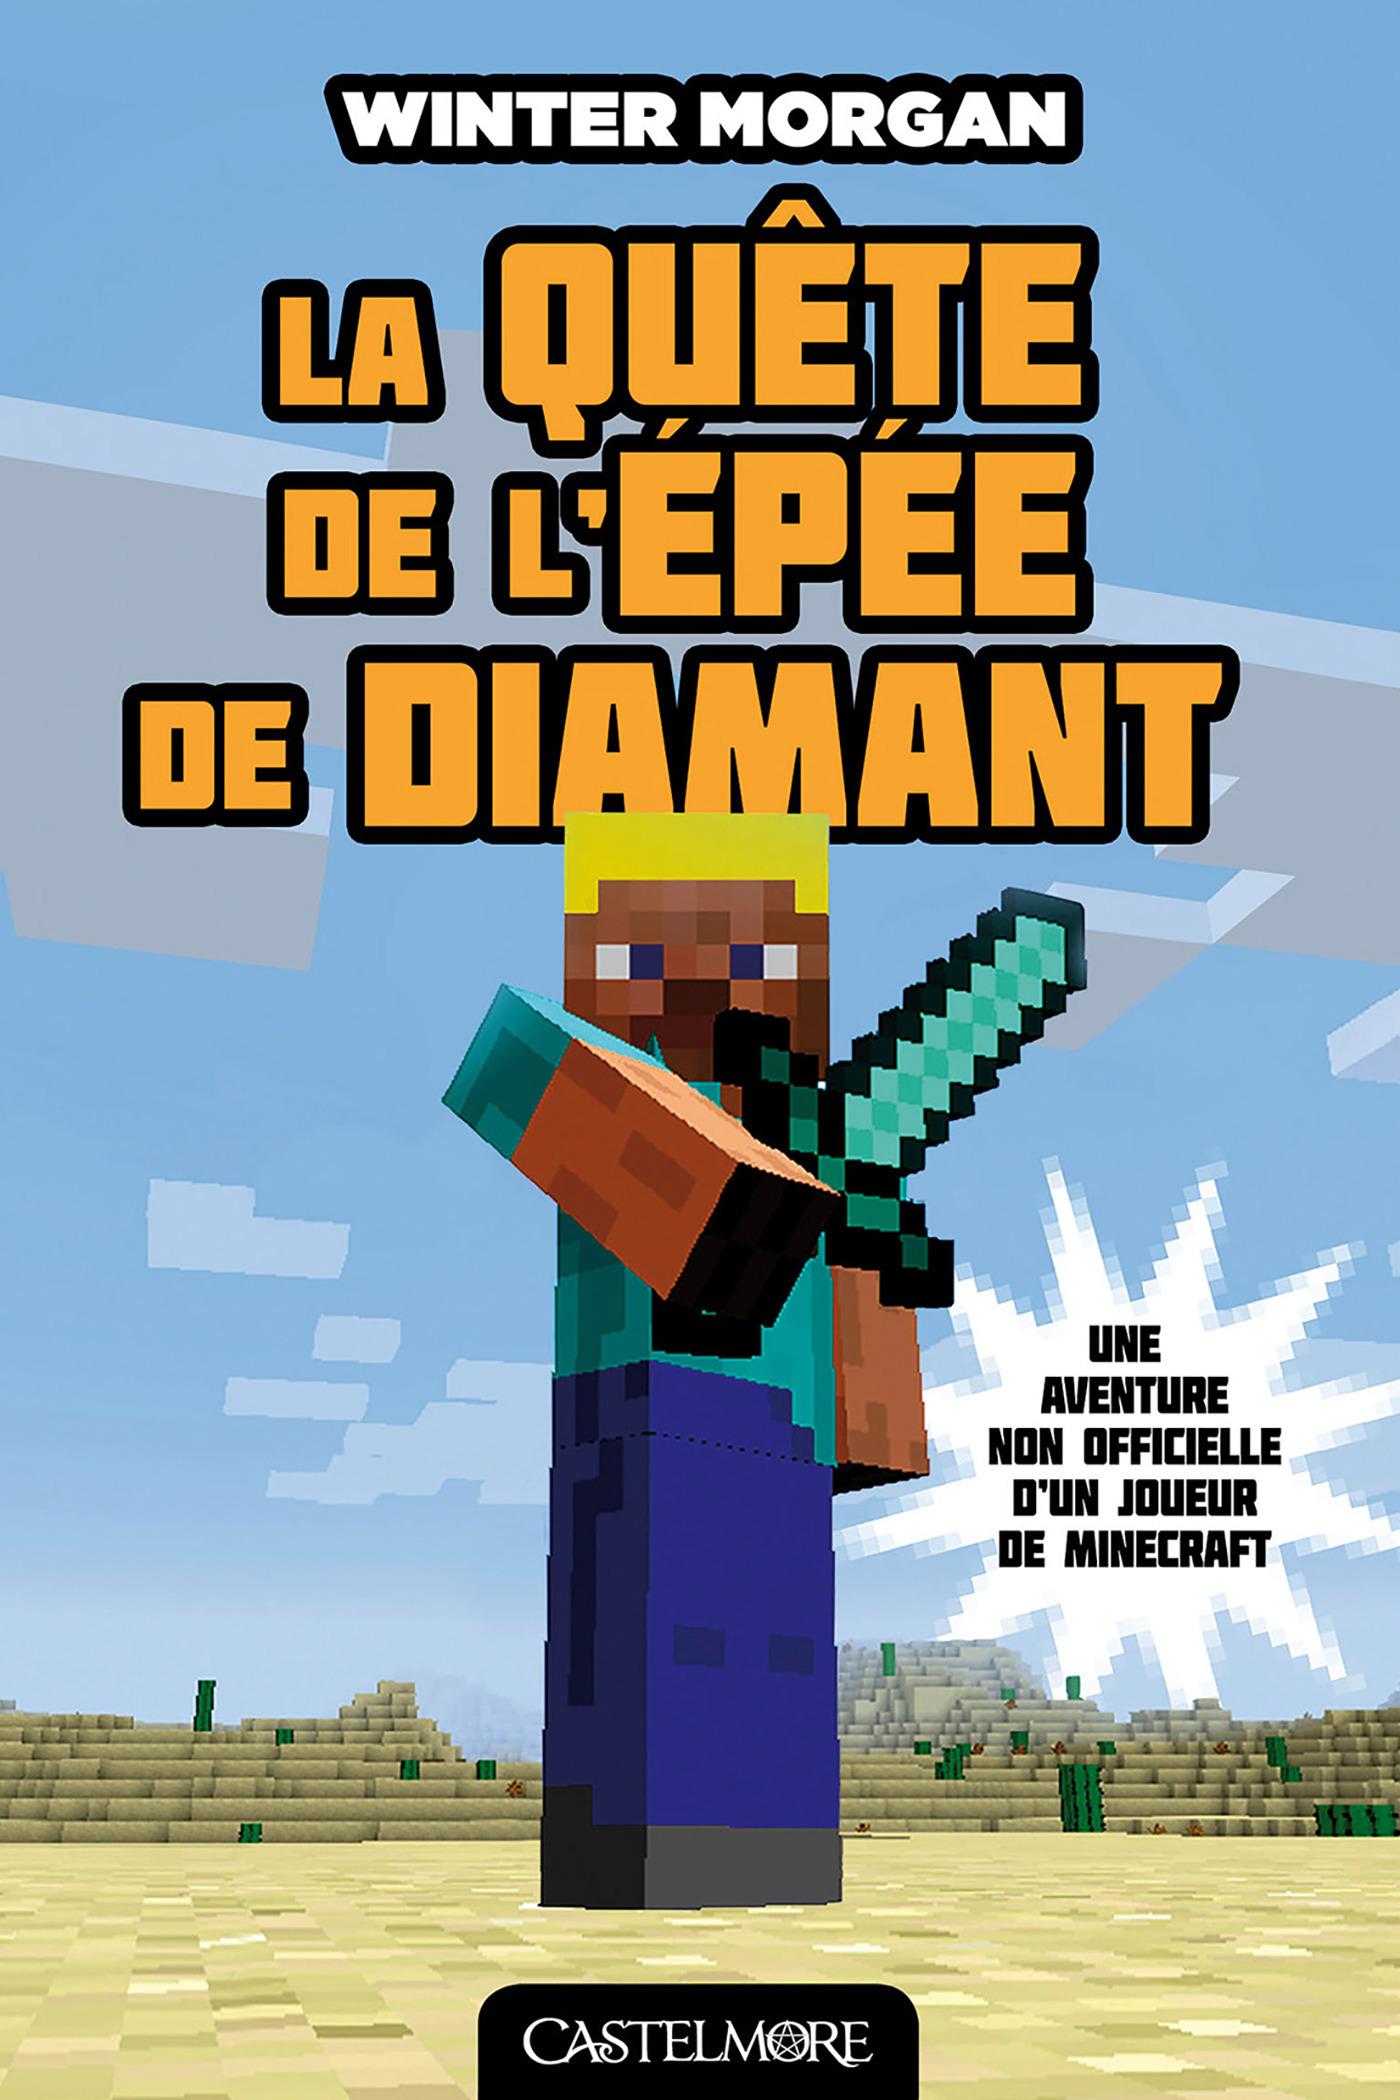 Minecraft - les aventures non officielles d'un joueur T.1 ; la quête de l'épée de diamant